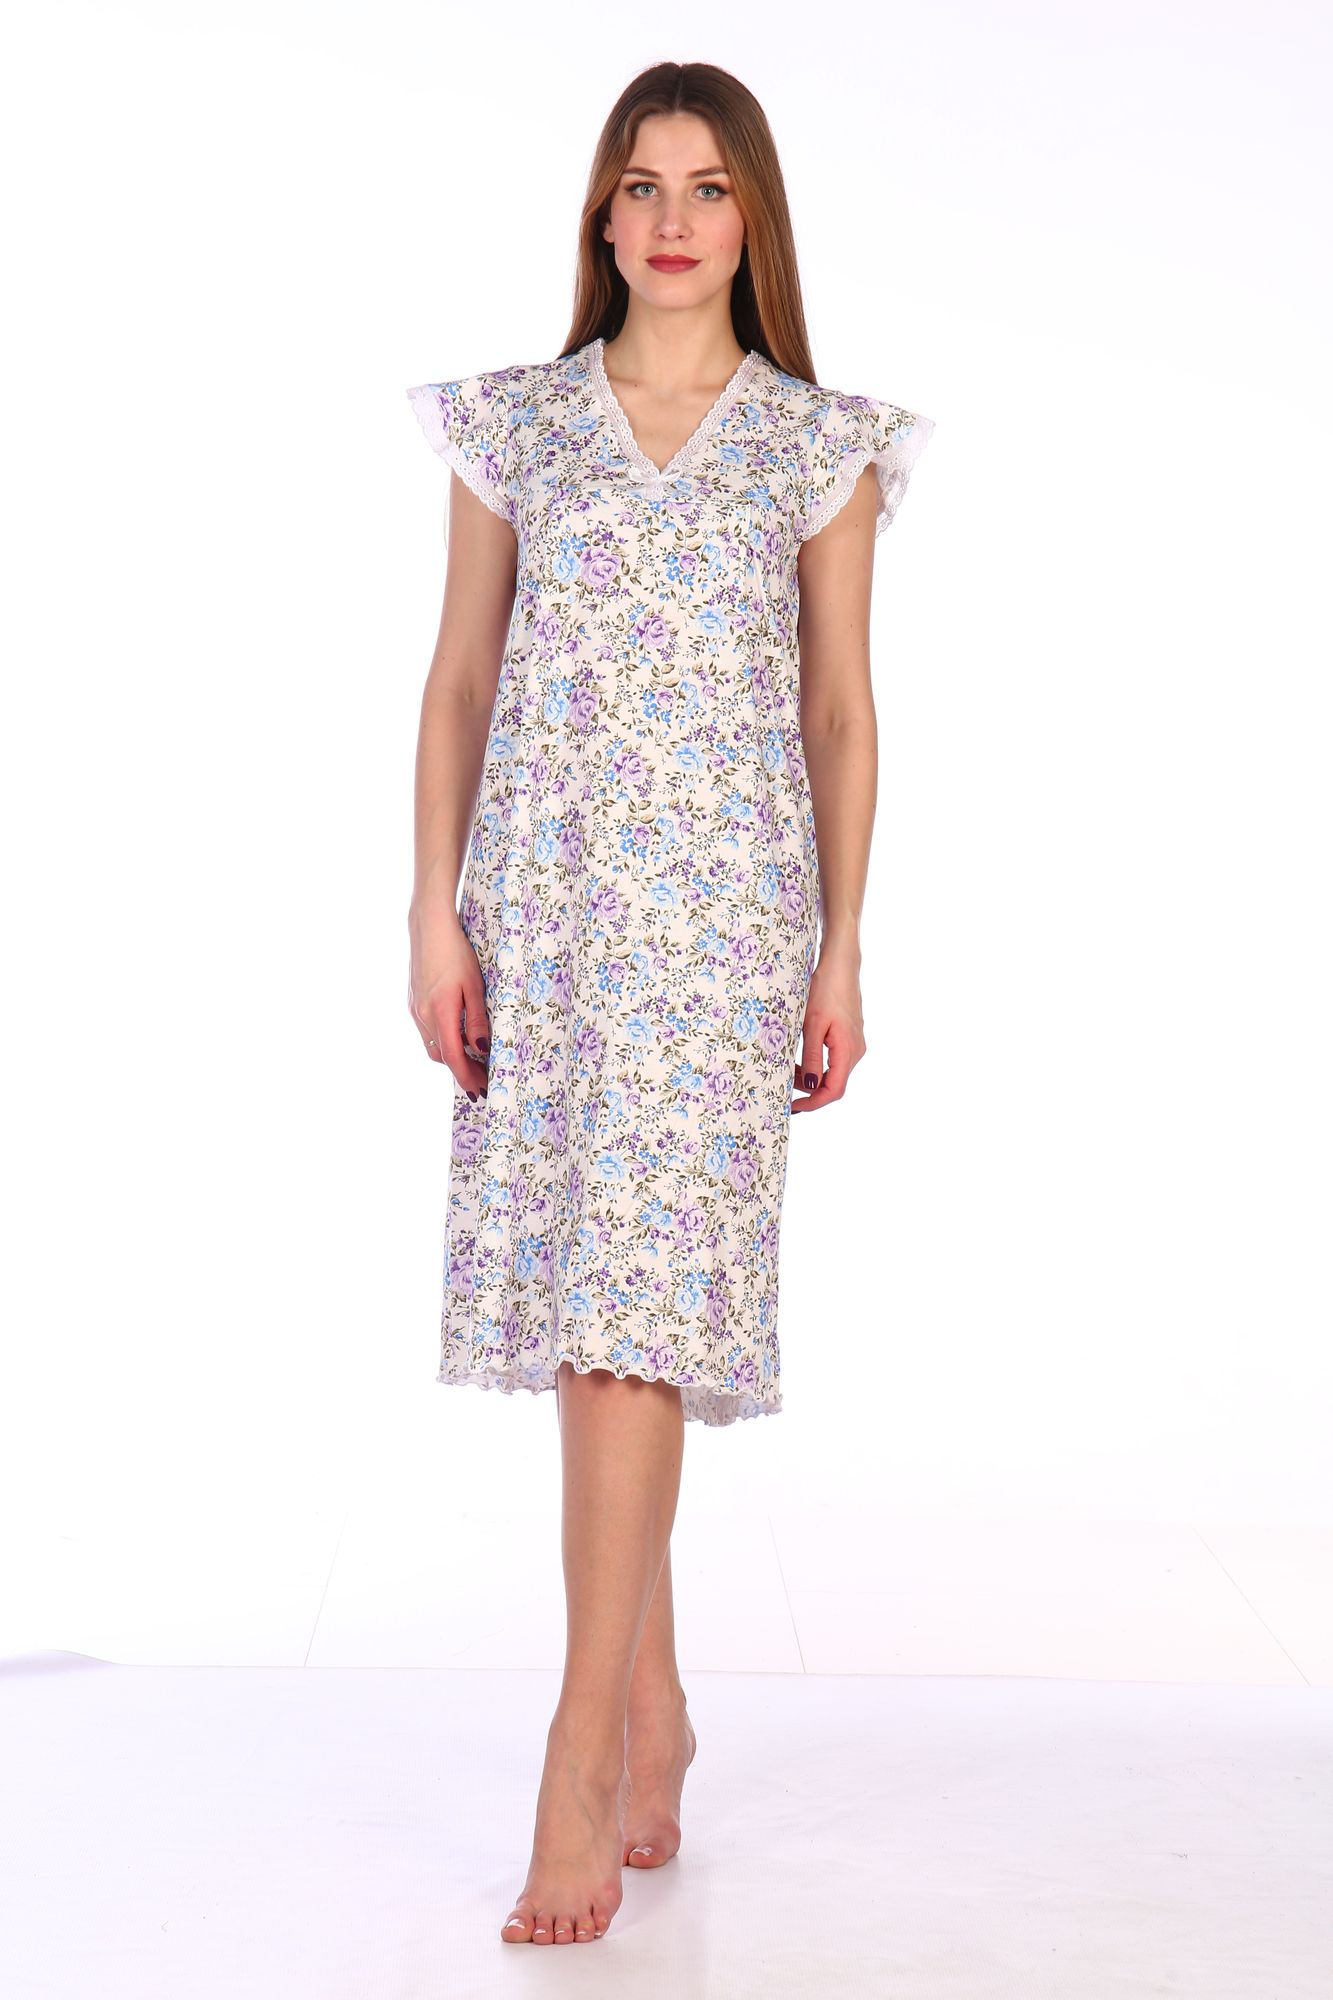 Сорочка ночная женская,мод. 427, трикотаж (Прелесть (сиреневый))